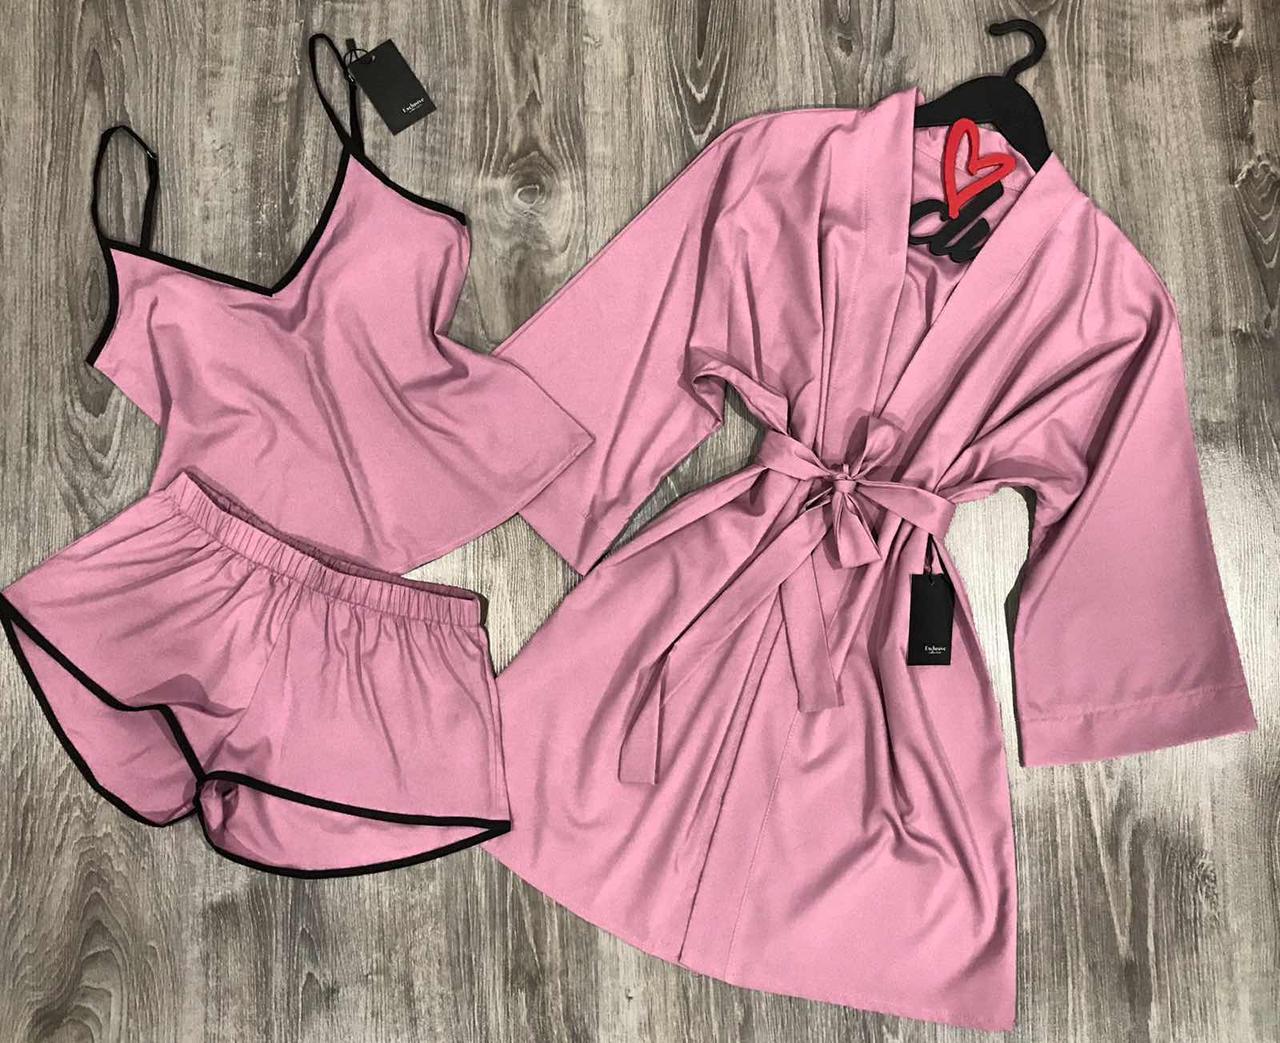 Стильный комплект тройка халат и пижама(майка+шорты).